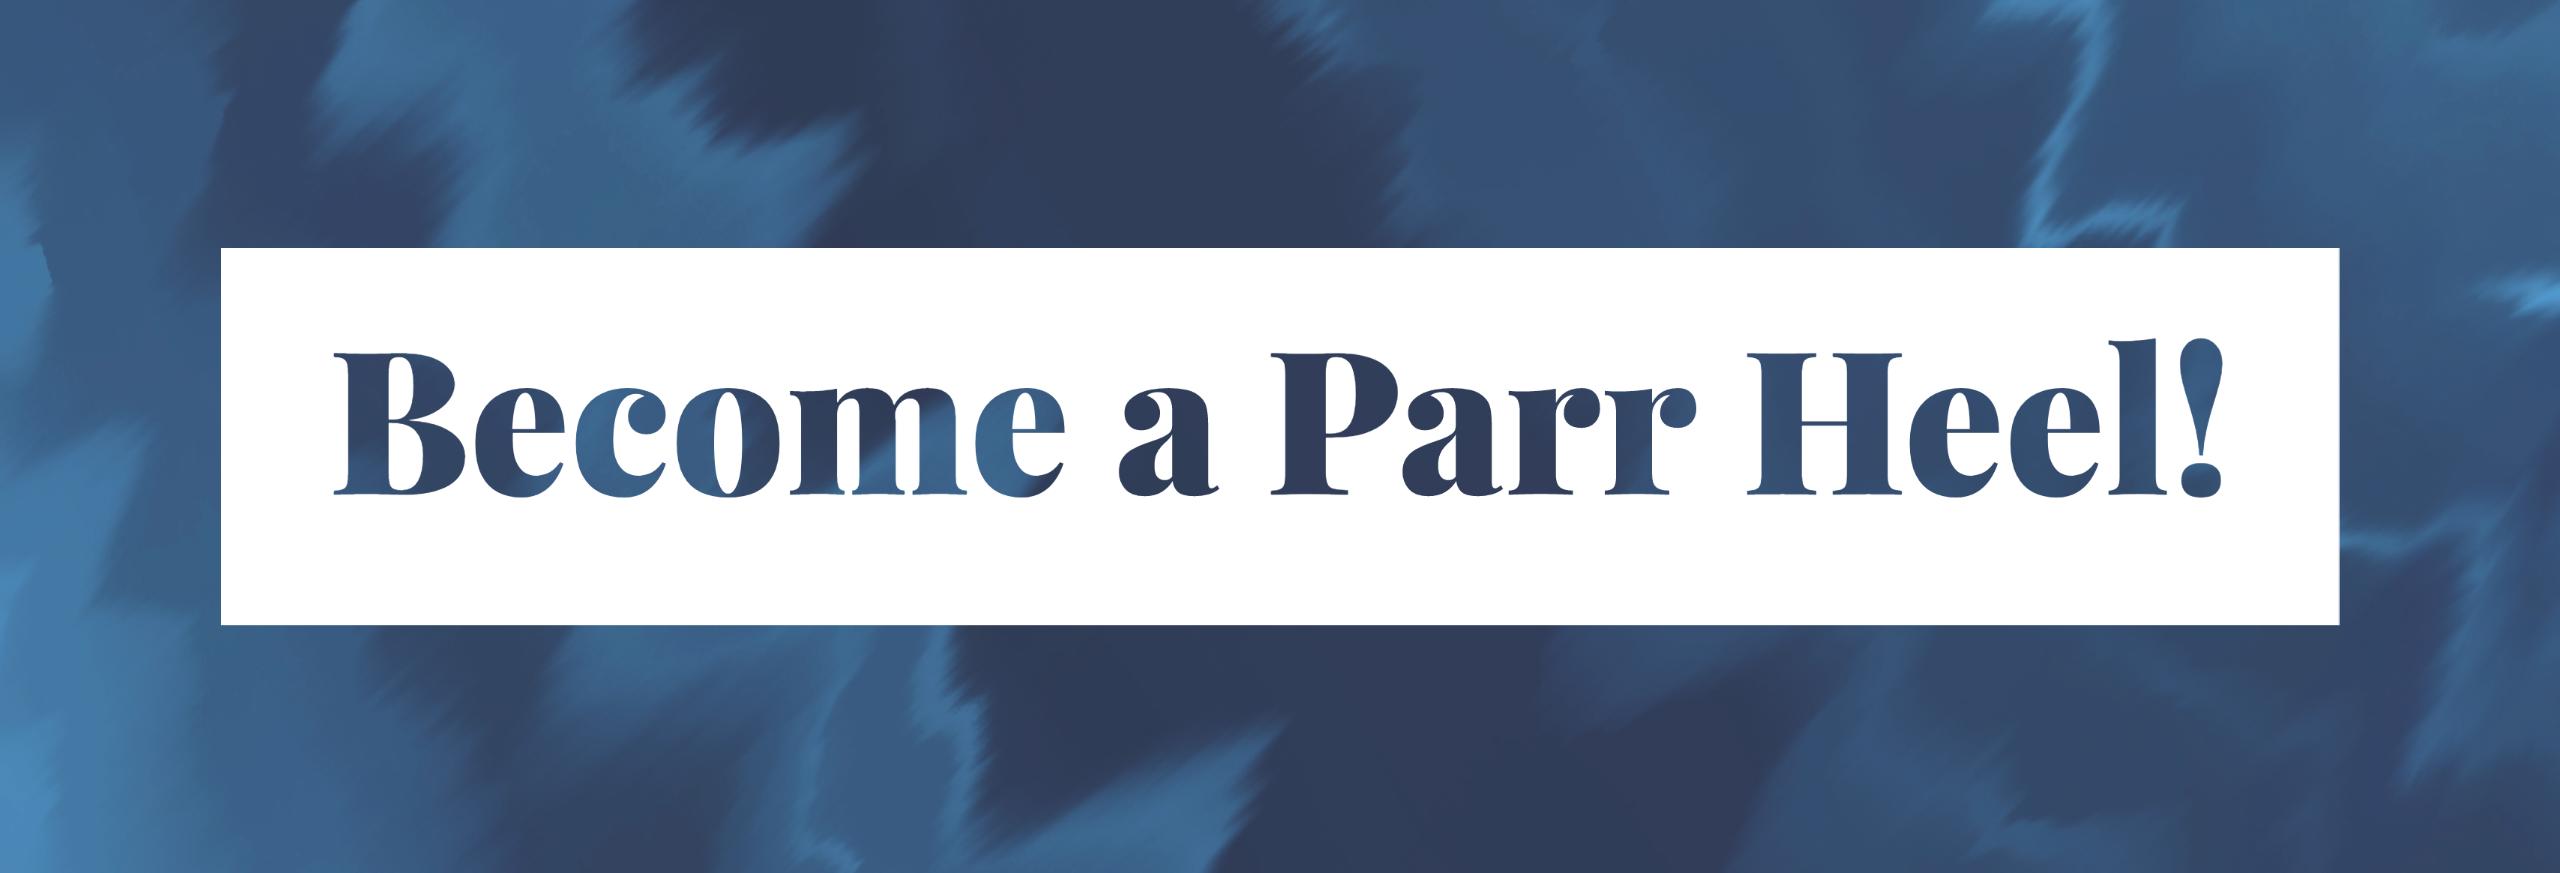 Parr Heel Website Banner